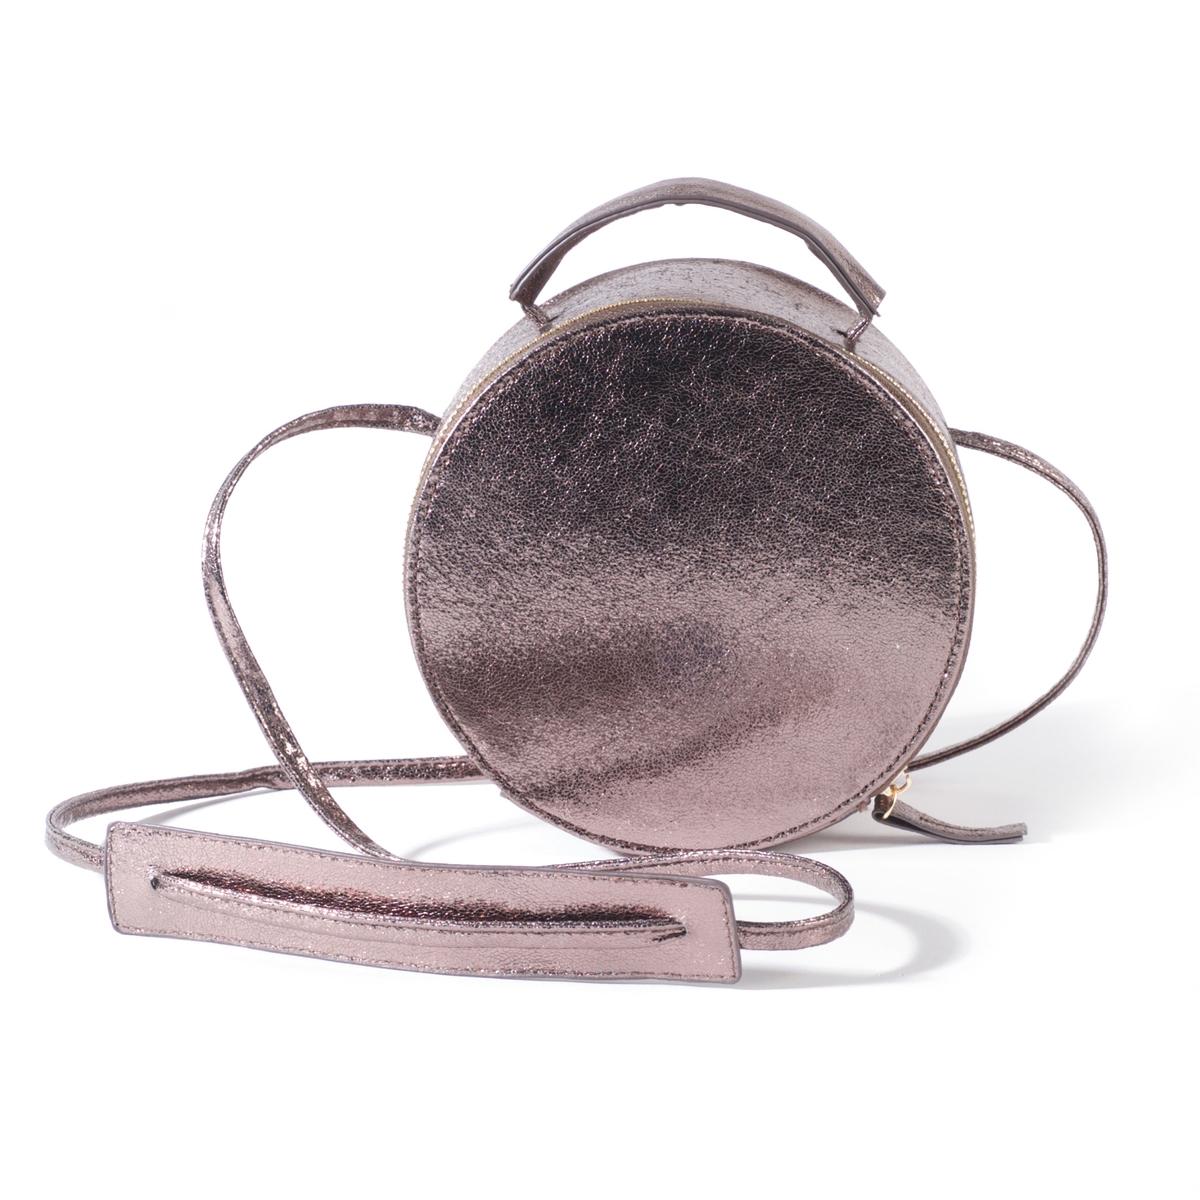 Сумка круглая маленькаяМарка: R edition.Размеры: диаметр 17 см x 8 см.Верх: 100% полиуретана.Подкладка: текстиль 100% полиэстера.Застежка: на молнию.Карманы: 1 внутренний карман.Плечевой ремень: ручка и плечевой ремень.Преимущества: эта маленькая сумка подарит Вам прогулку налегке дизайнерская форма сумки - коробка для шляпы - добавит оригинальности Вашему образу.<br><br>Цвет: серебристый,черный<br>Размер: единый размер